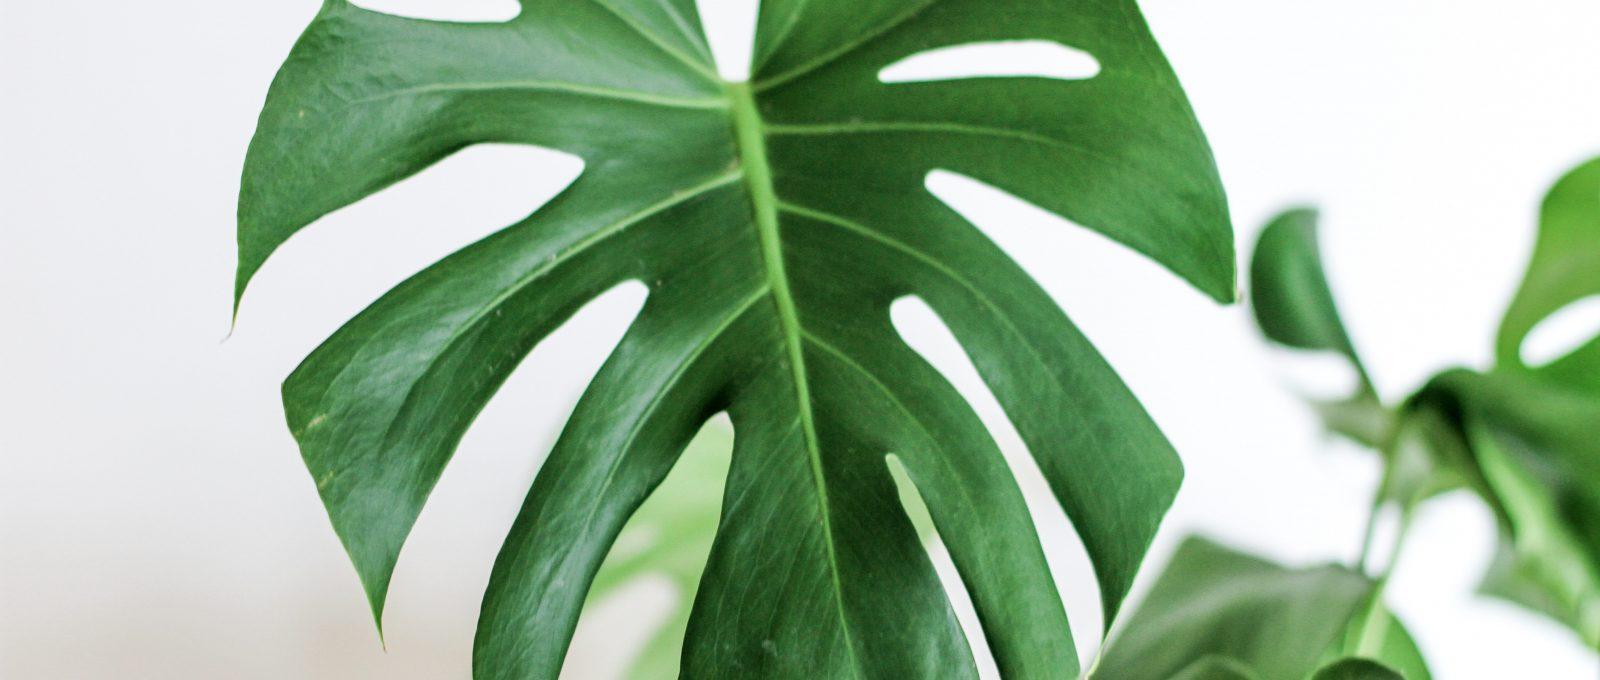 Woonatelier_De voordelen van veel groen in huis